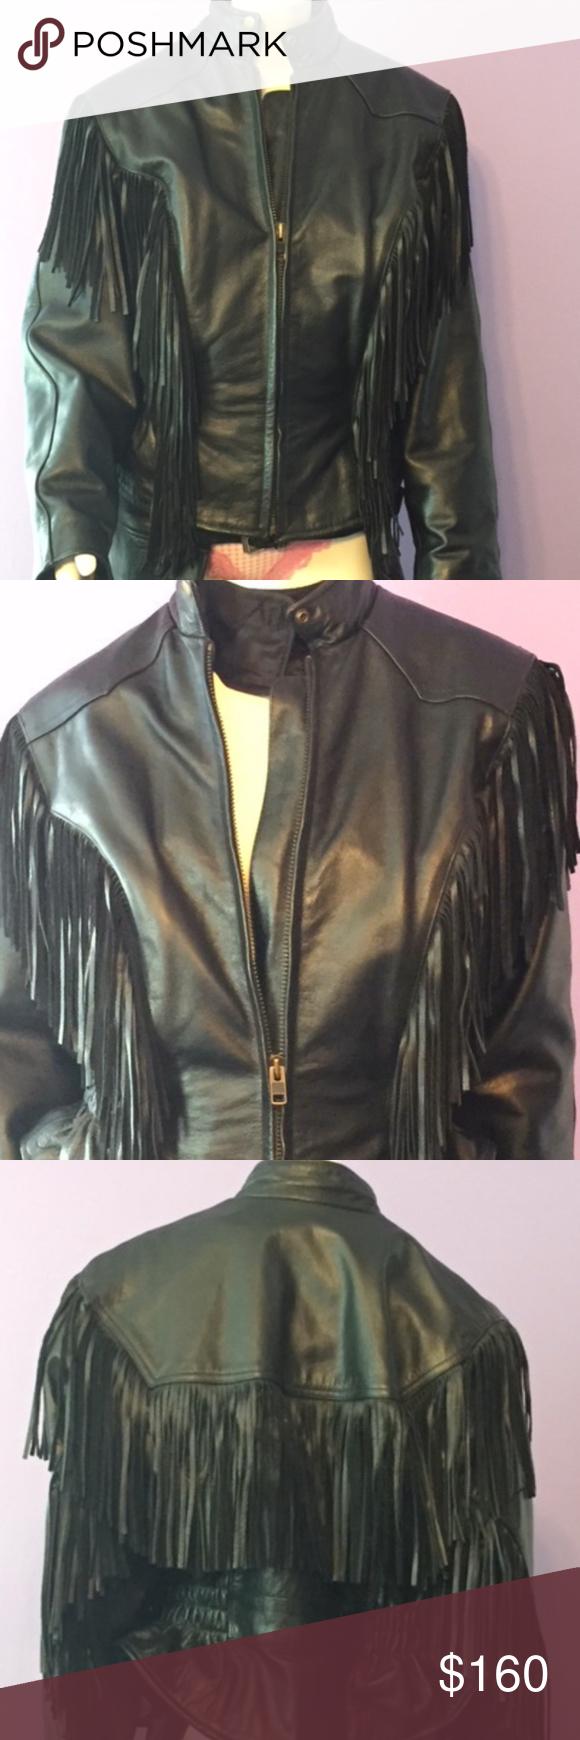 Leather Fringed Biker Jacket Embroidered Bomber Jacket Woven Jacket Leather Fringe [ 1740 x 580 Pixel ]